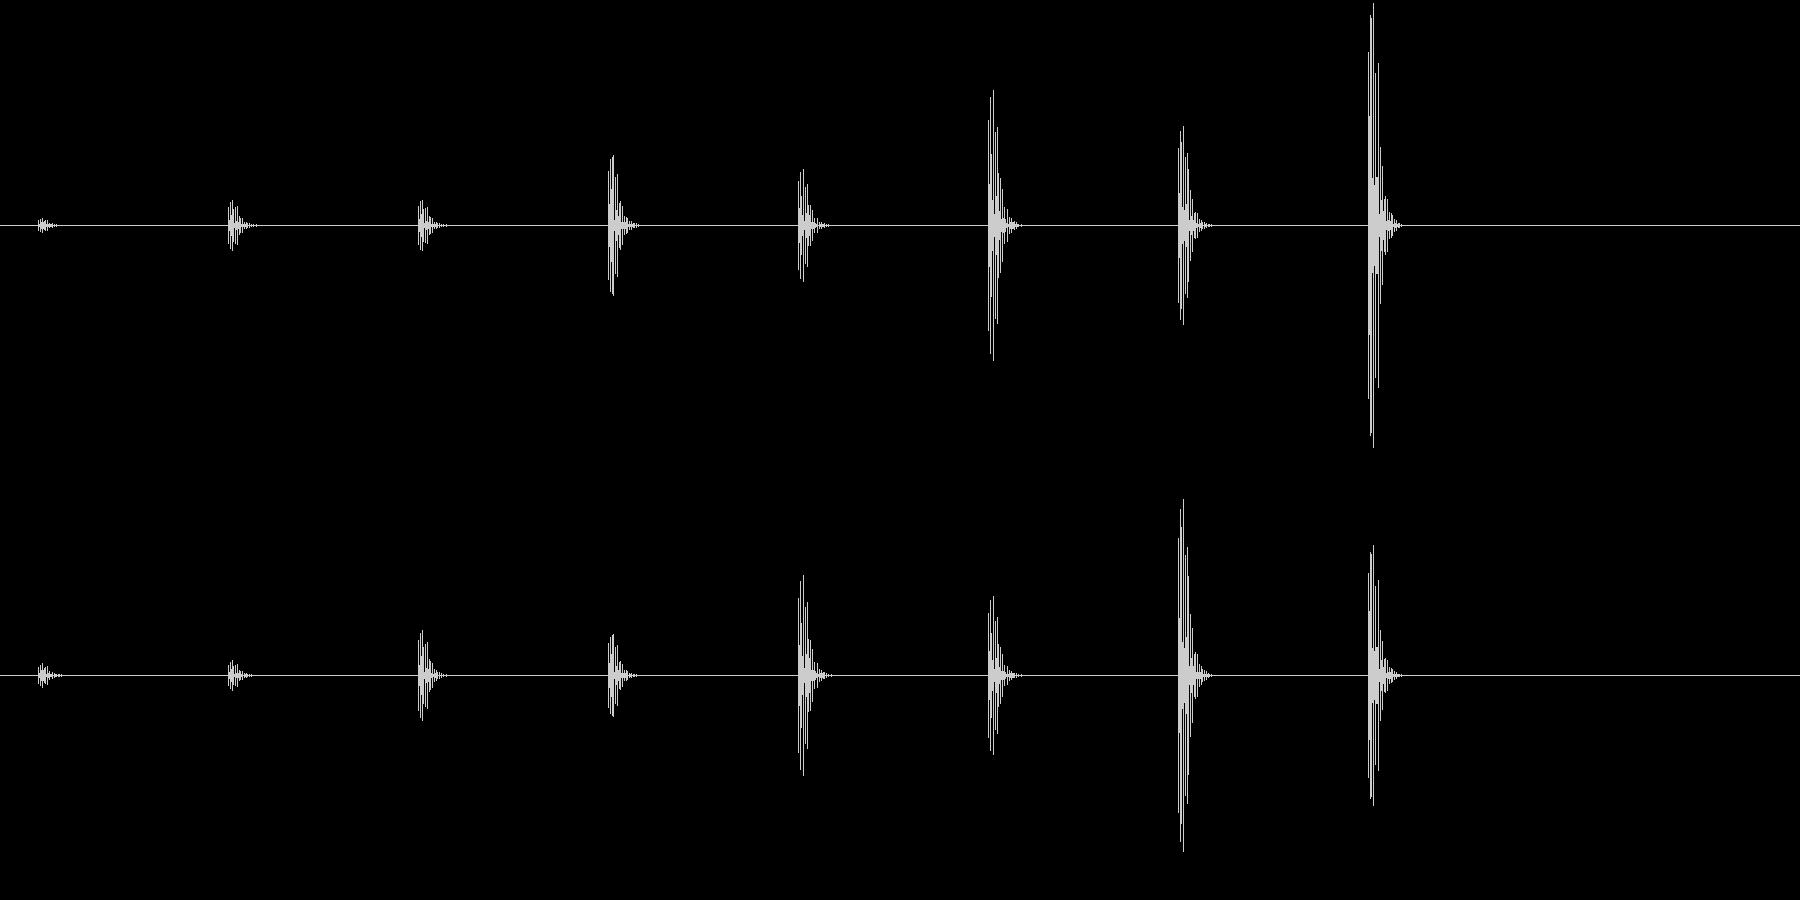 可愛い足音、歩いて近づく(ブッブッブッ)の未再生の波形